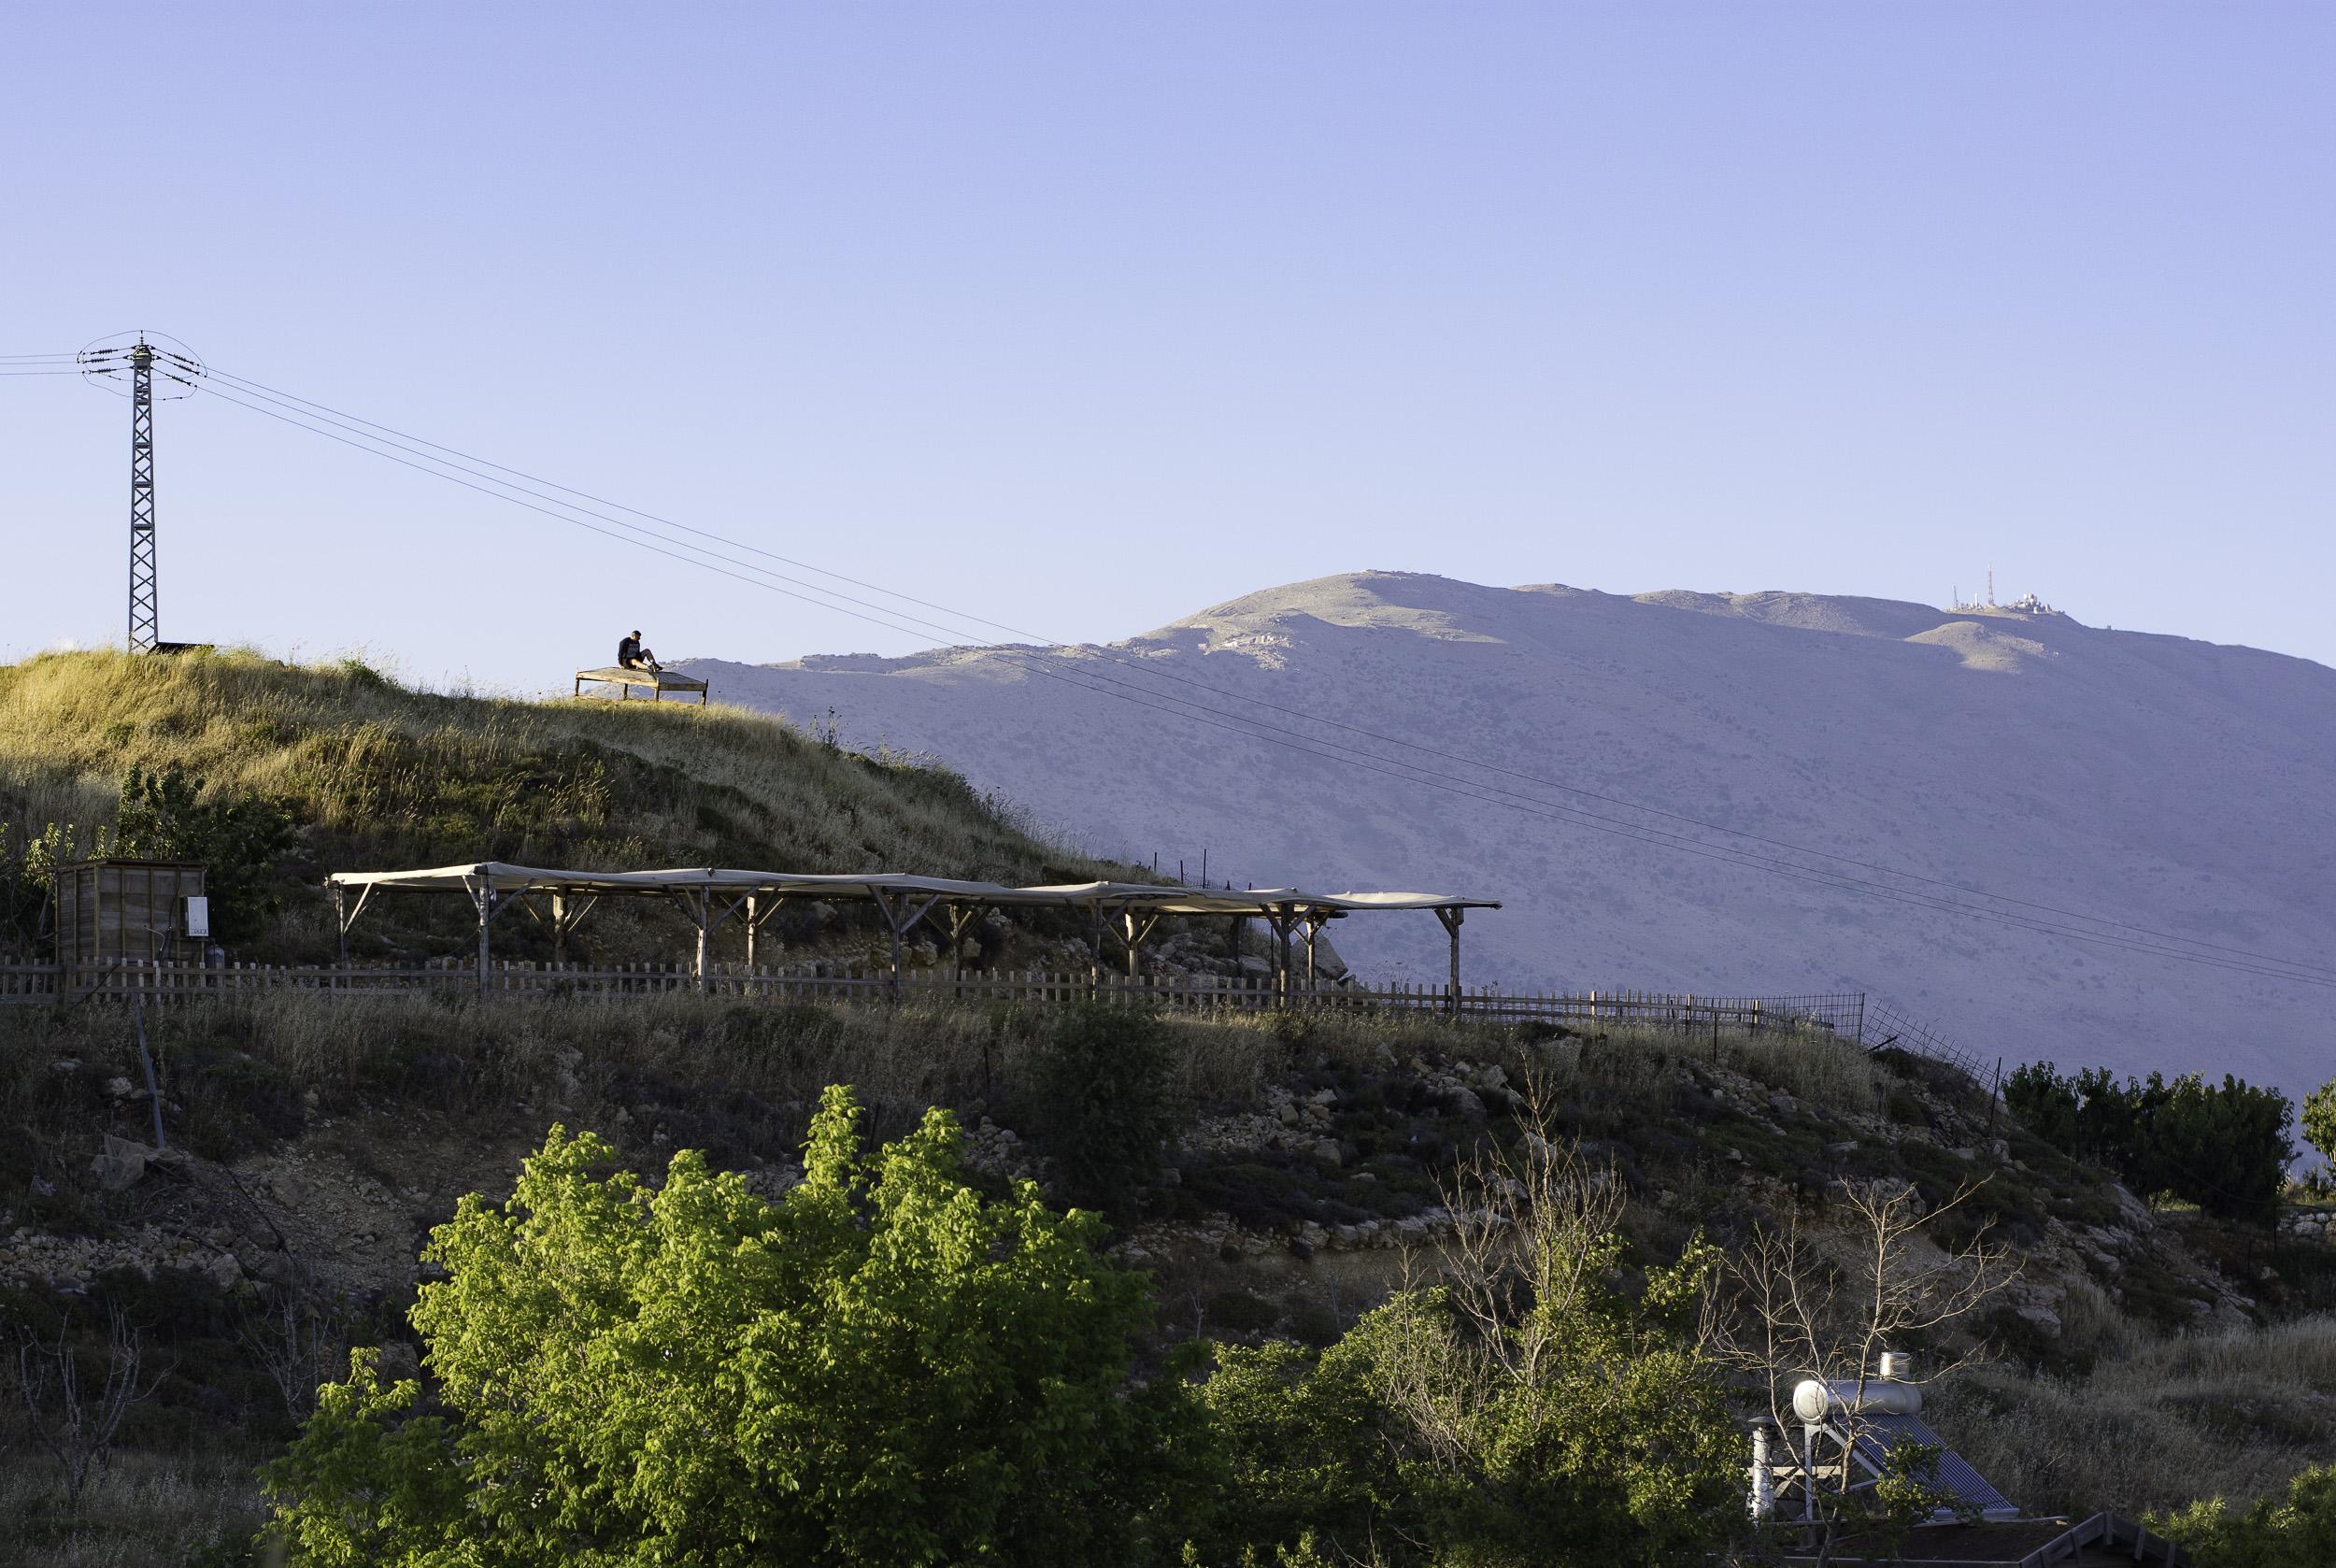 views of the Hermon mountain